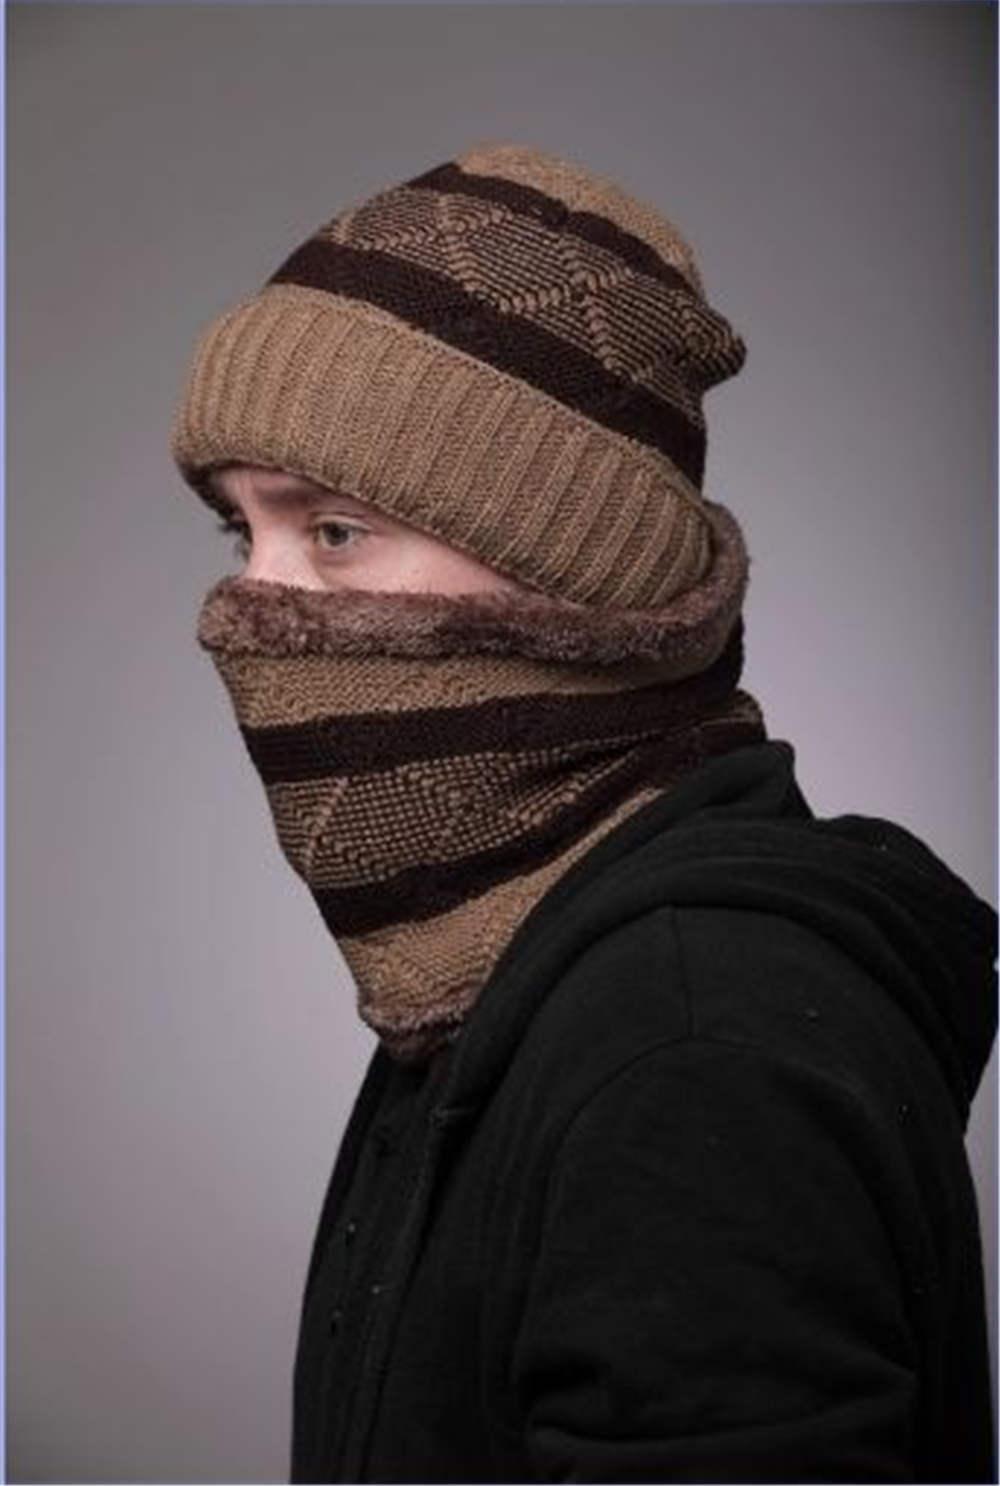 봄 겨울 비니 모자 여성 망 니트 모자 여자를위한 스카프 세트와 따뜻한 겨울 모자 남성 솔리드 힙합 캐주얼 커프스 비아 따뜻한